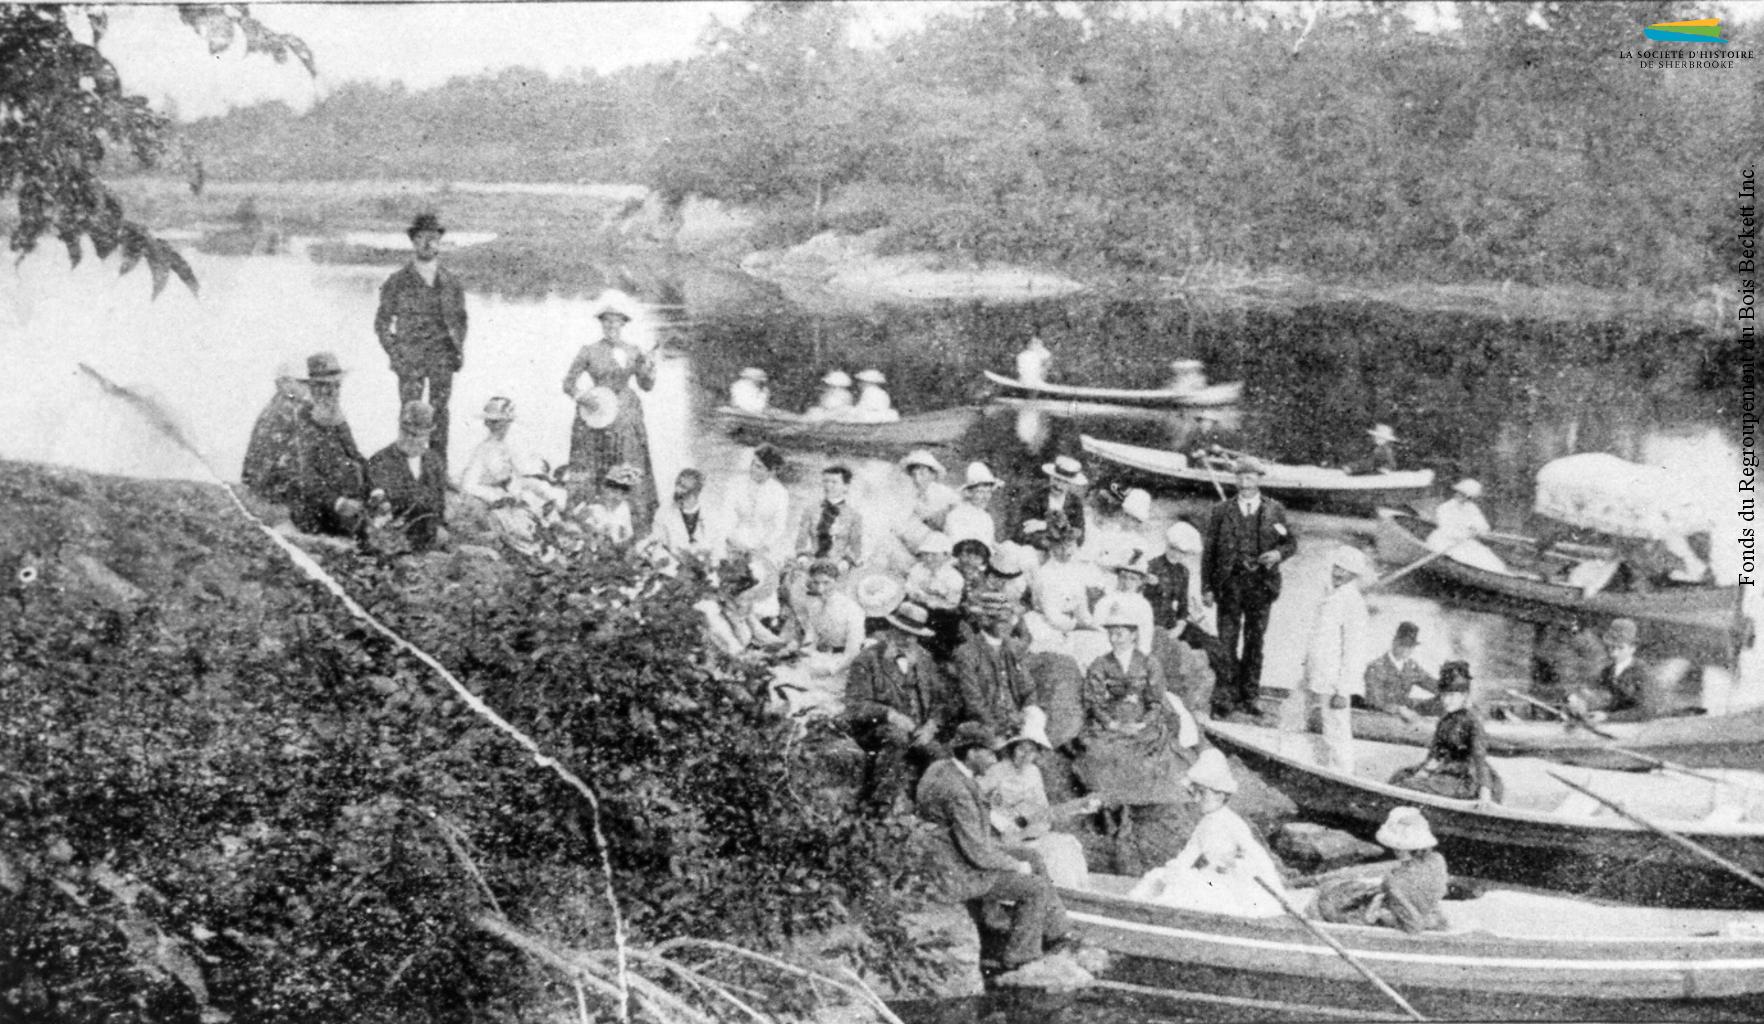 Un groupe de personnes participent à un pique-nique sur les bords de la rivière Saint-François, à proximité de Melbourne, vers 1890. Plusieurs industriels de Sherbrooke organisent chaque année de telles expéditions pour leurs ouvriers.